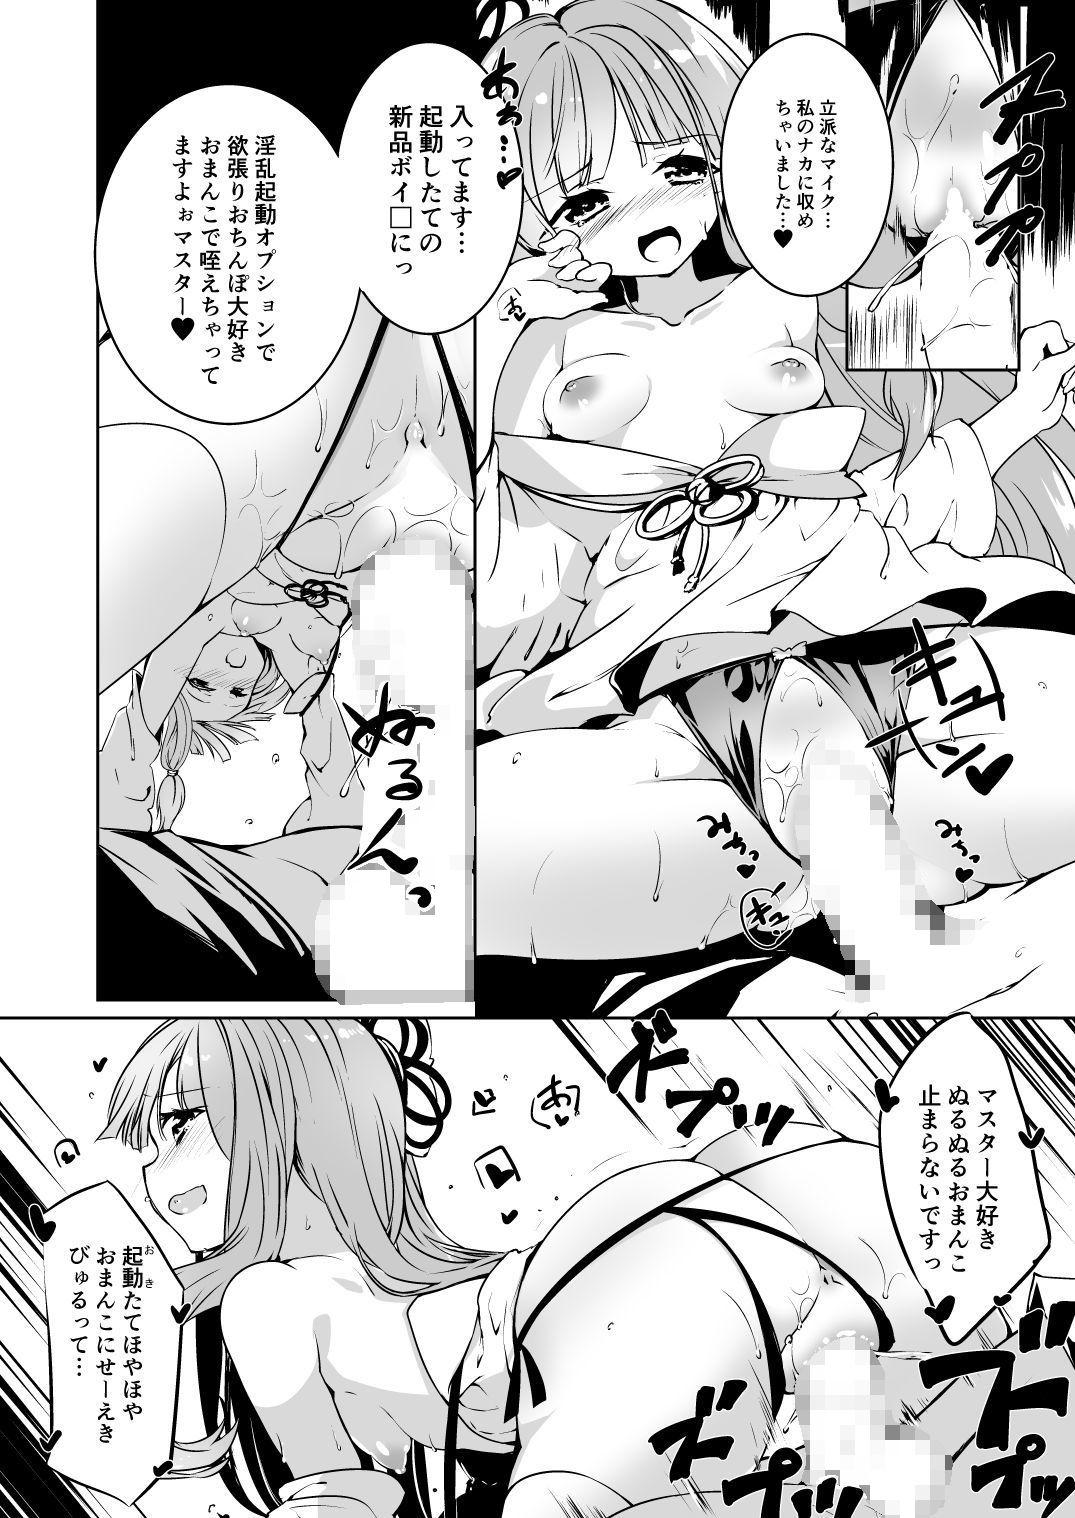 コトノハラバーズ vol.06 【お姉ちゃん観察日記】のサンプル画像2